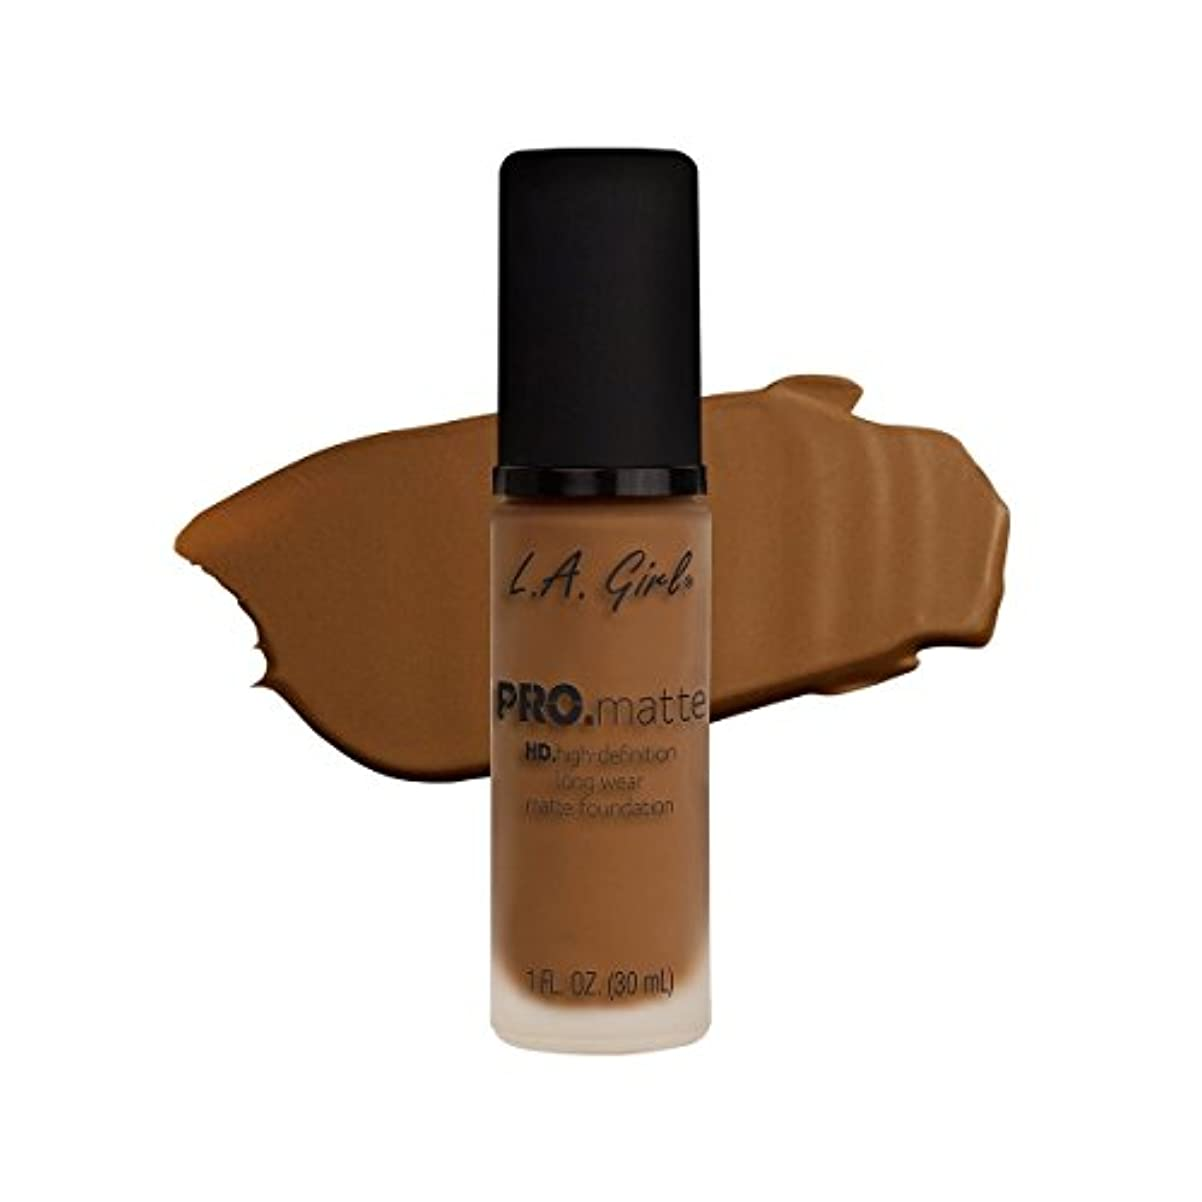 ハンマー和ビバ(6 Pack) L.A. GIRL Pro Matte Foundation - Nutmeg (並行輸入品)